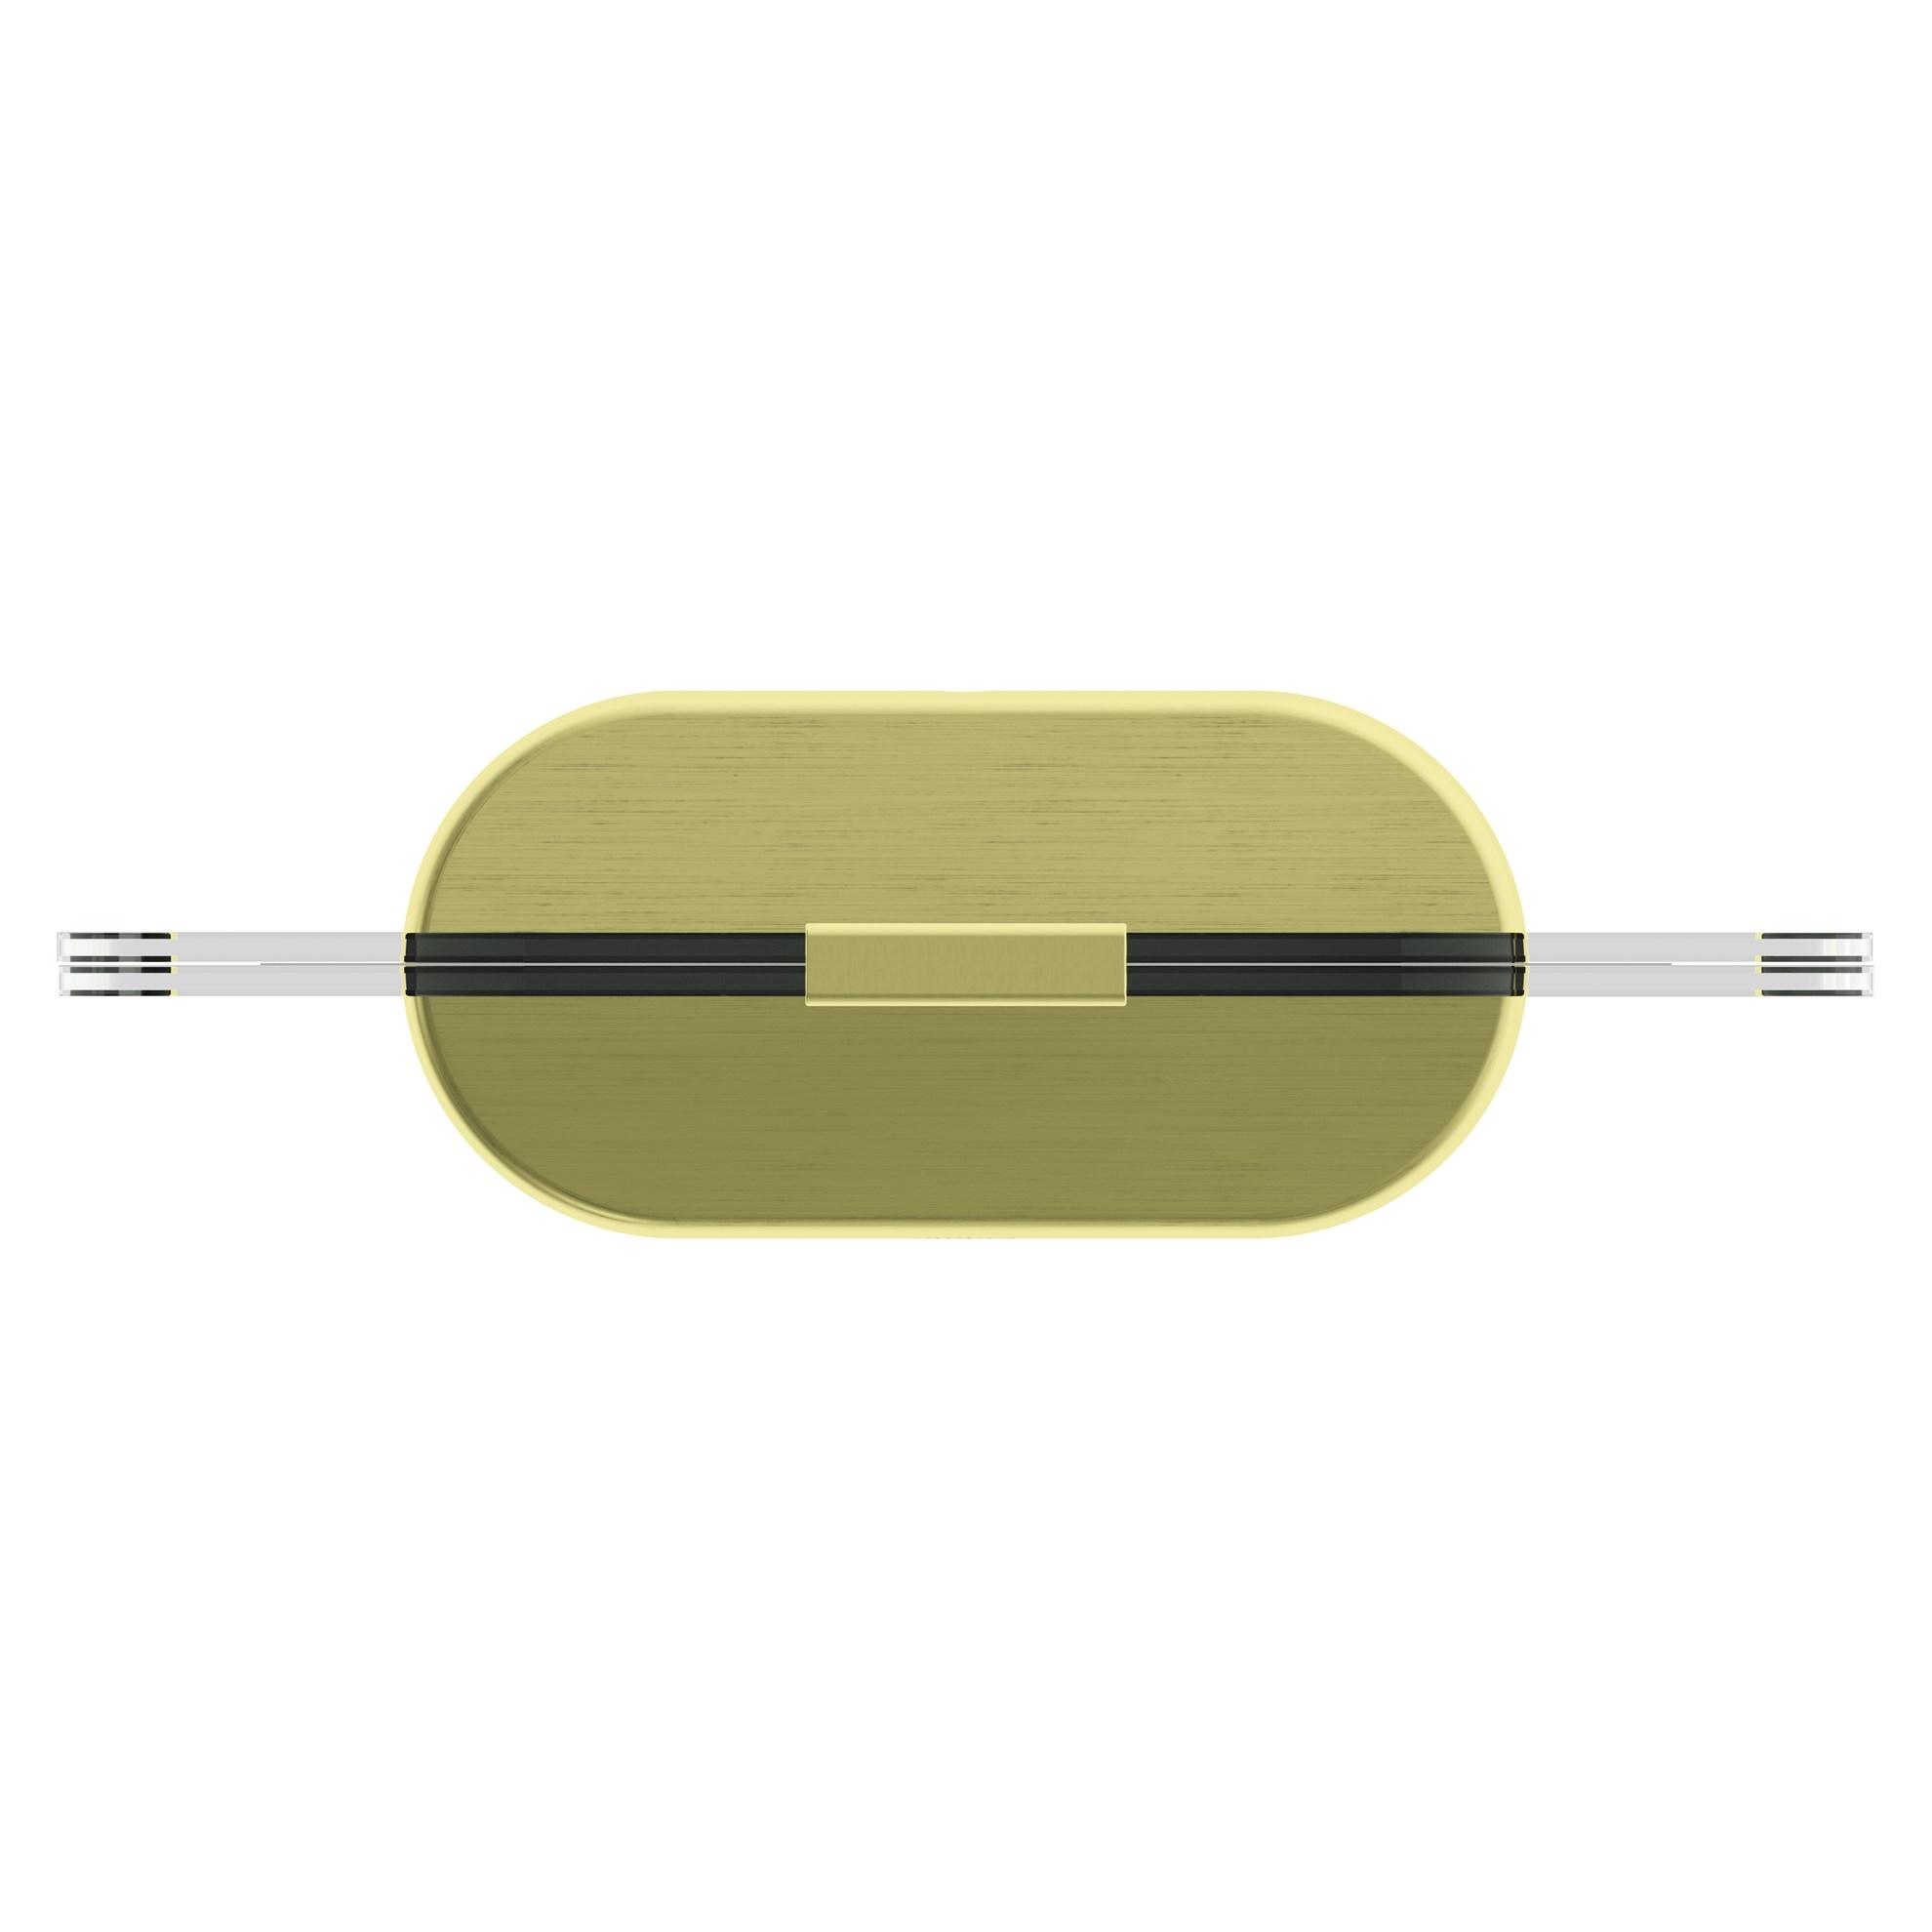 LED fotorámeček GLO 10x15 cm_3